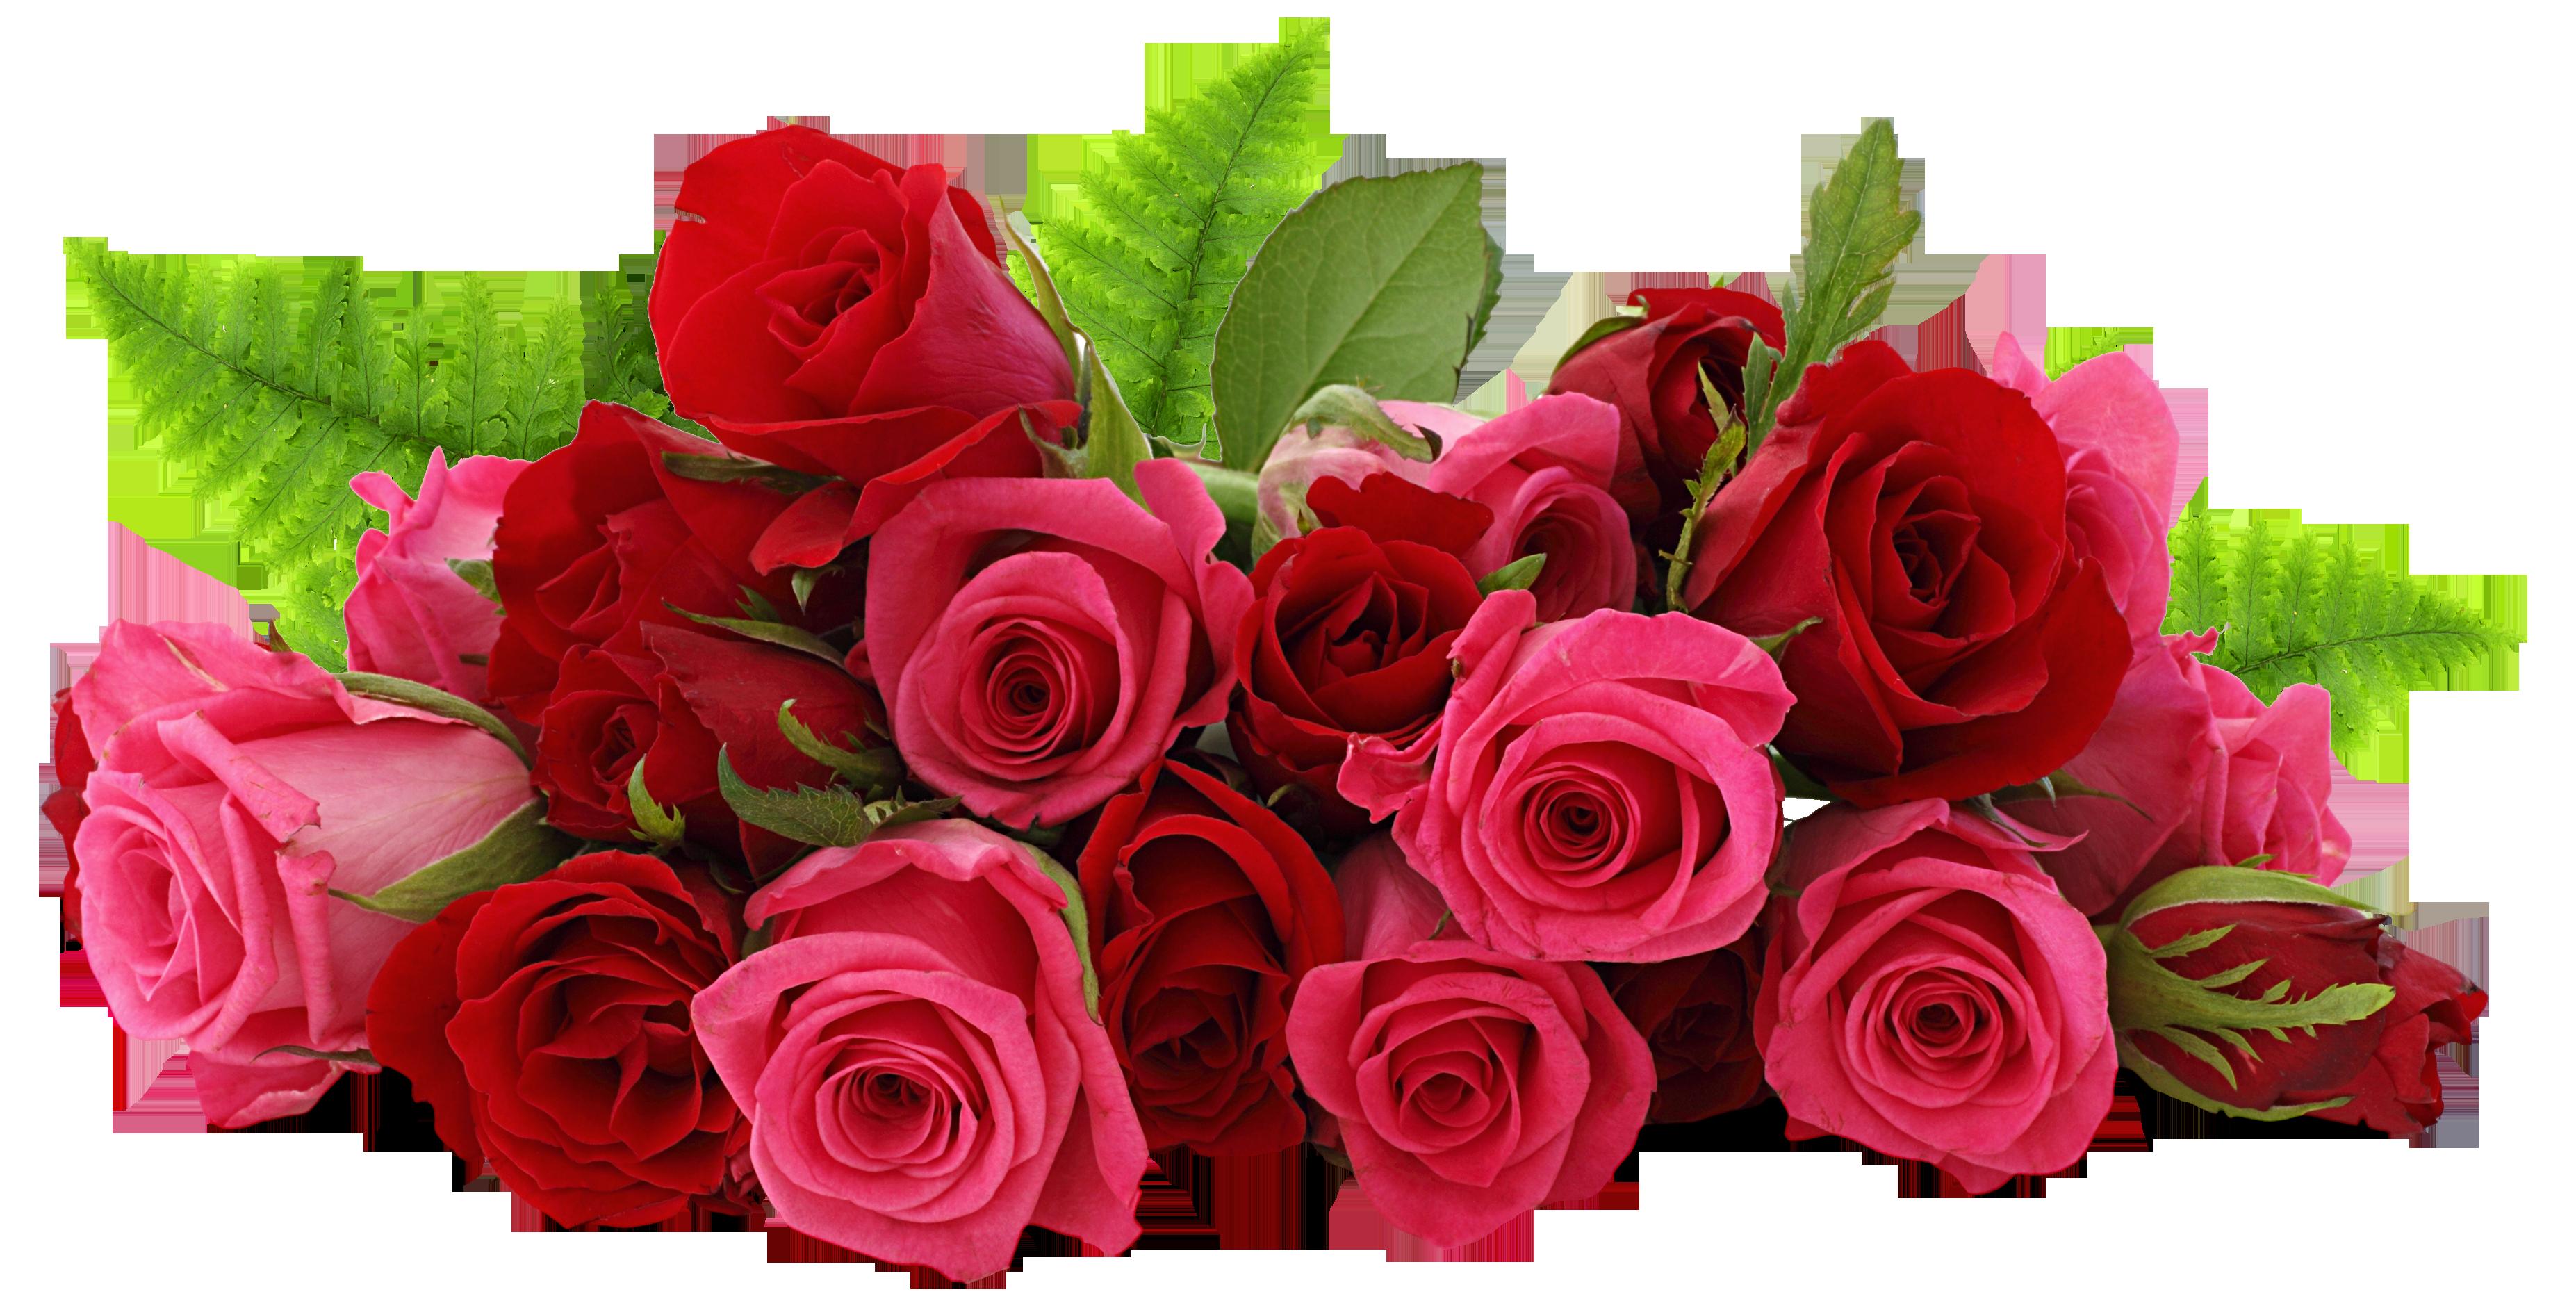 Rose PNG - 12785